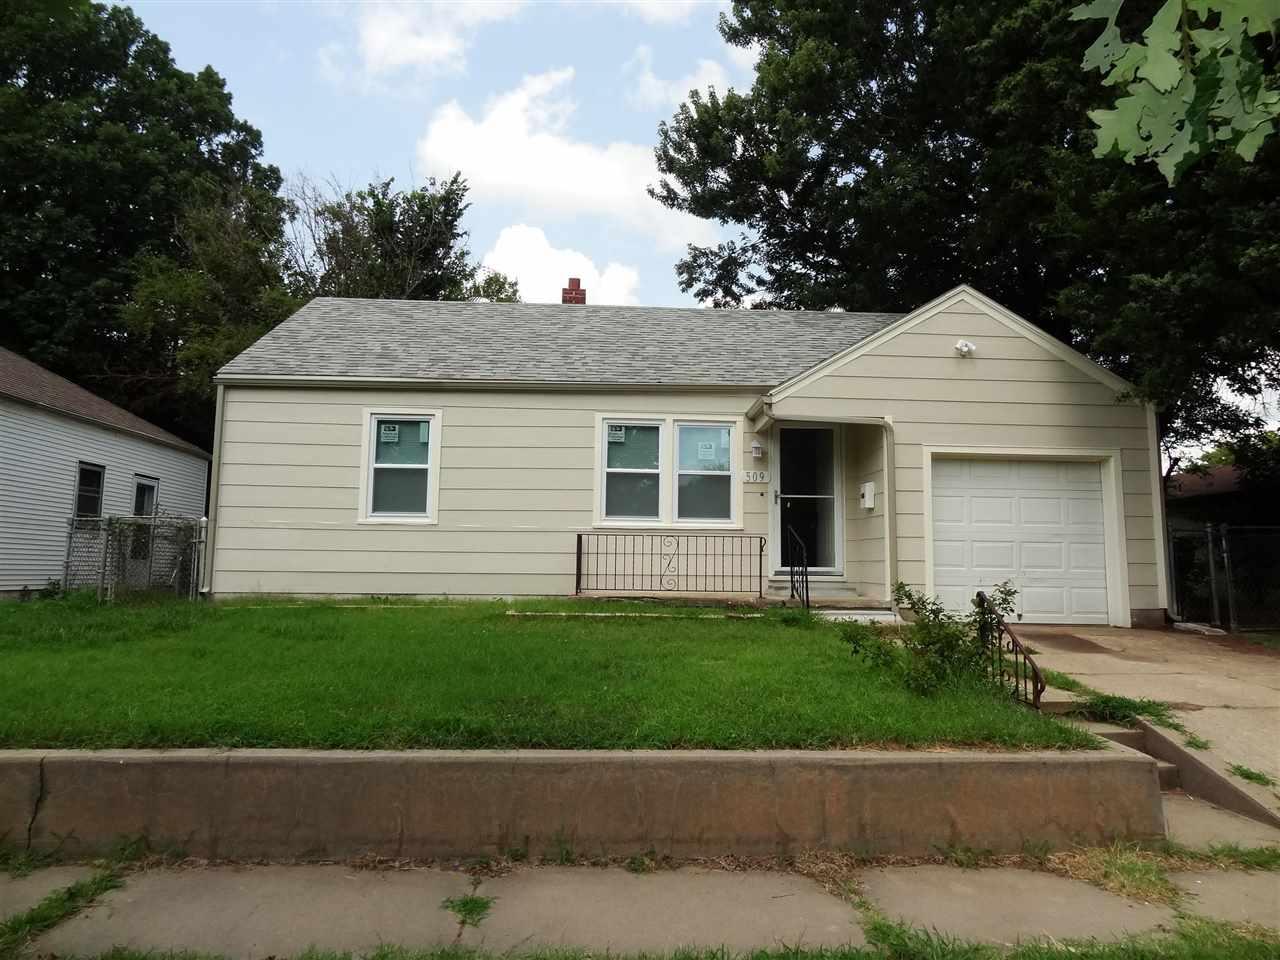 509 S Gordon St, Wichita, KS, 67213